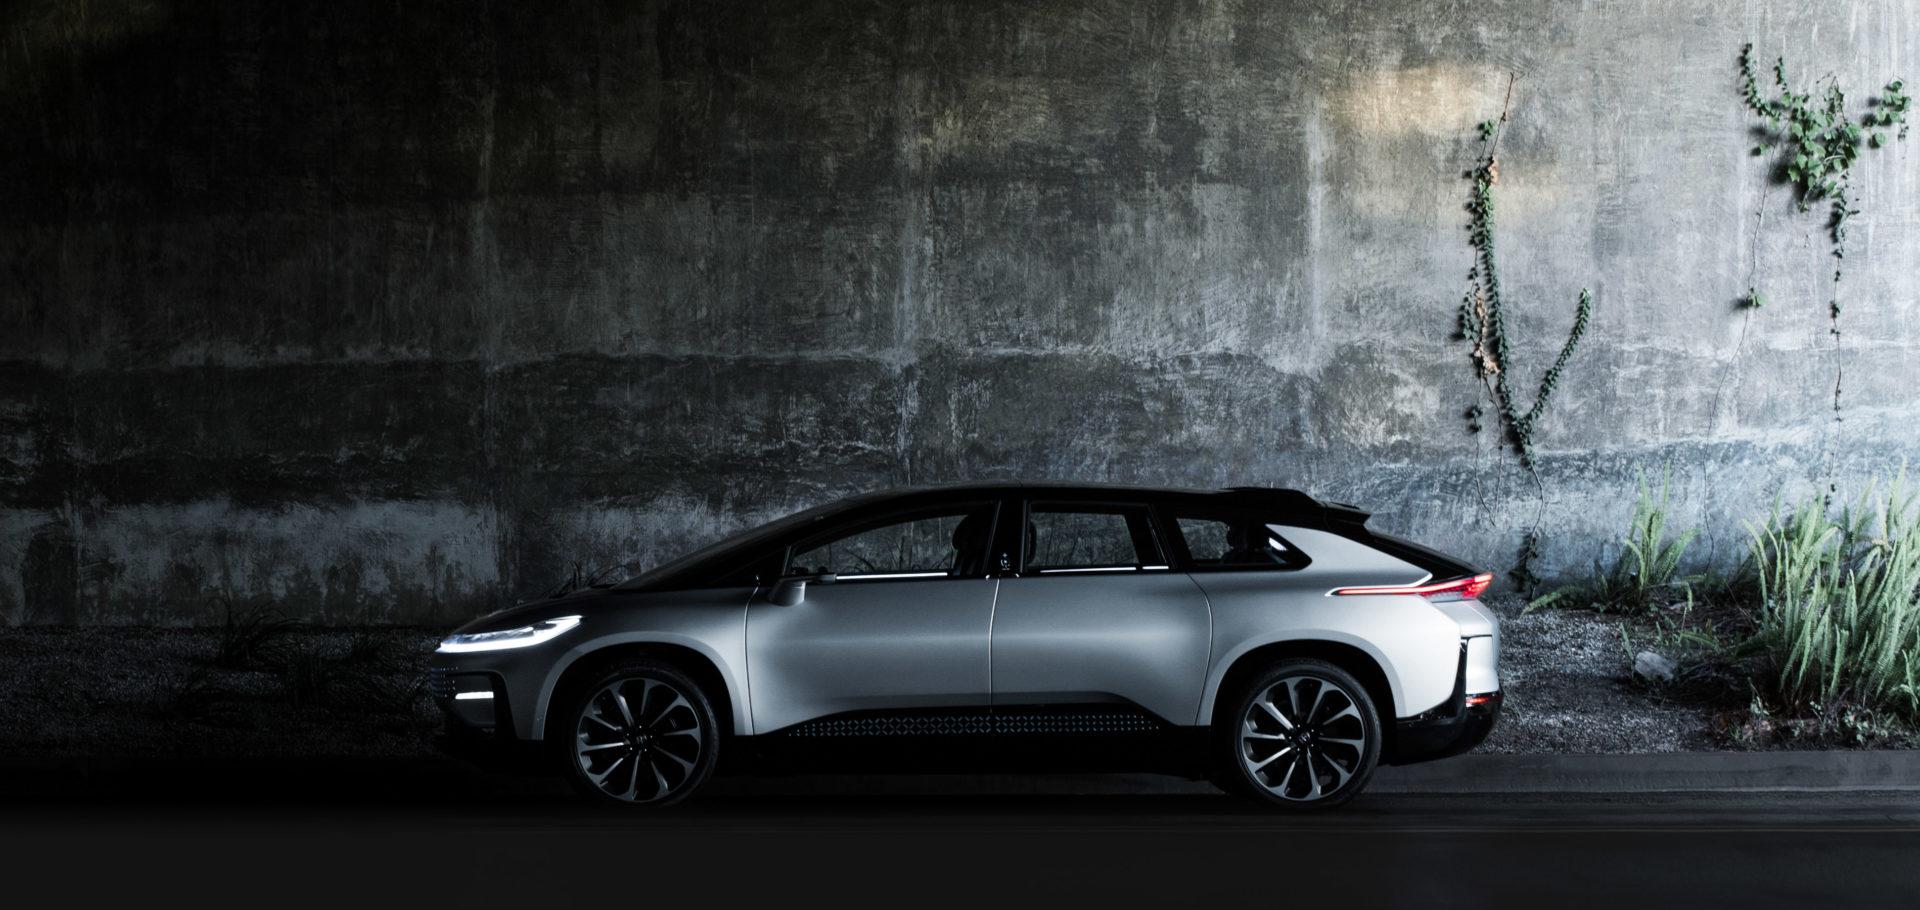 Faraday VS Tesla. Доберется ли потенциальный киллер до жертвы?